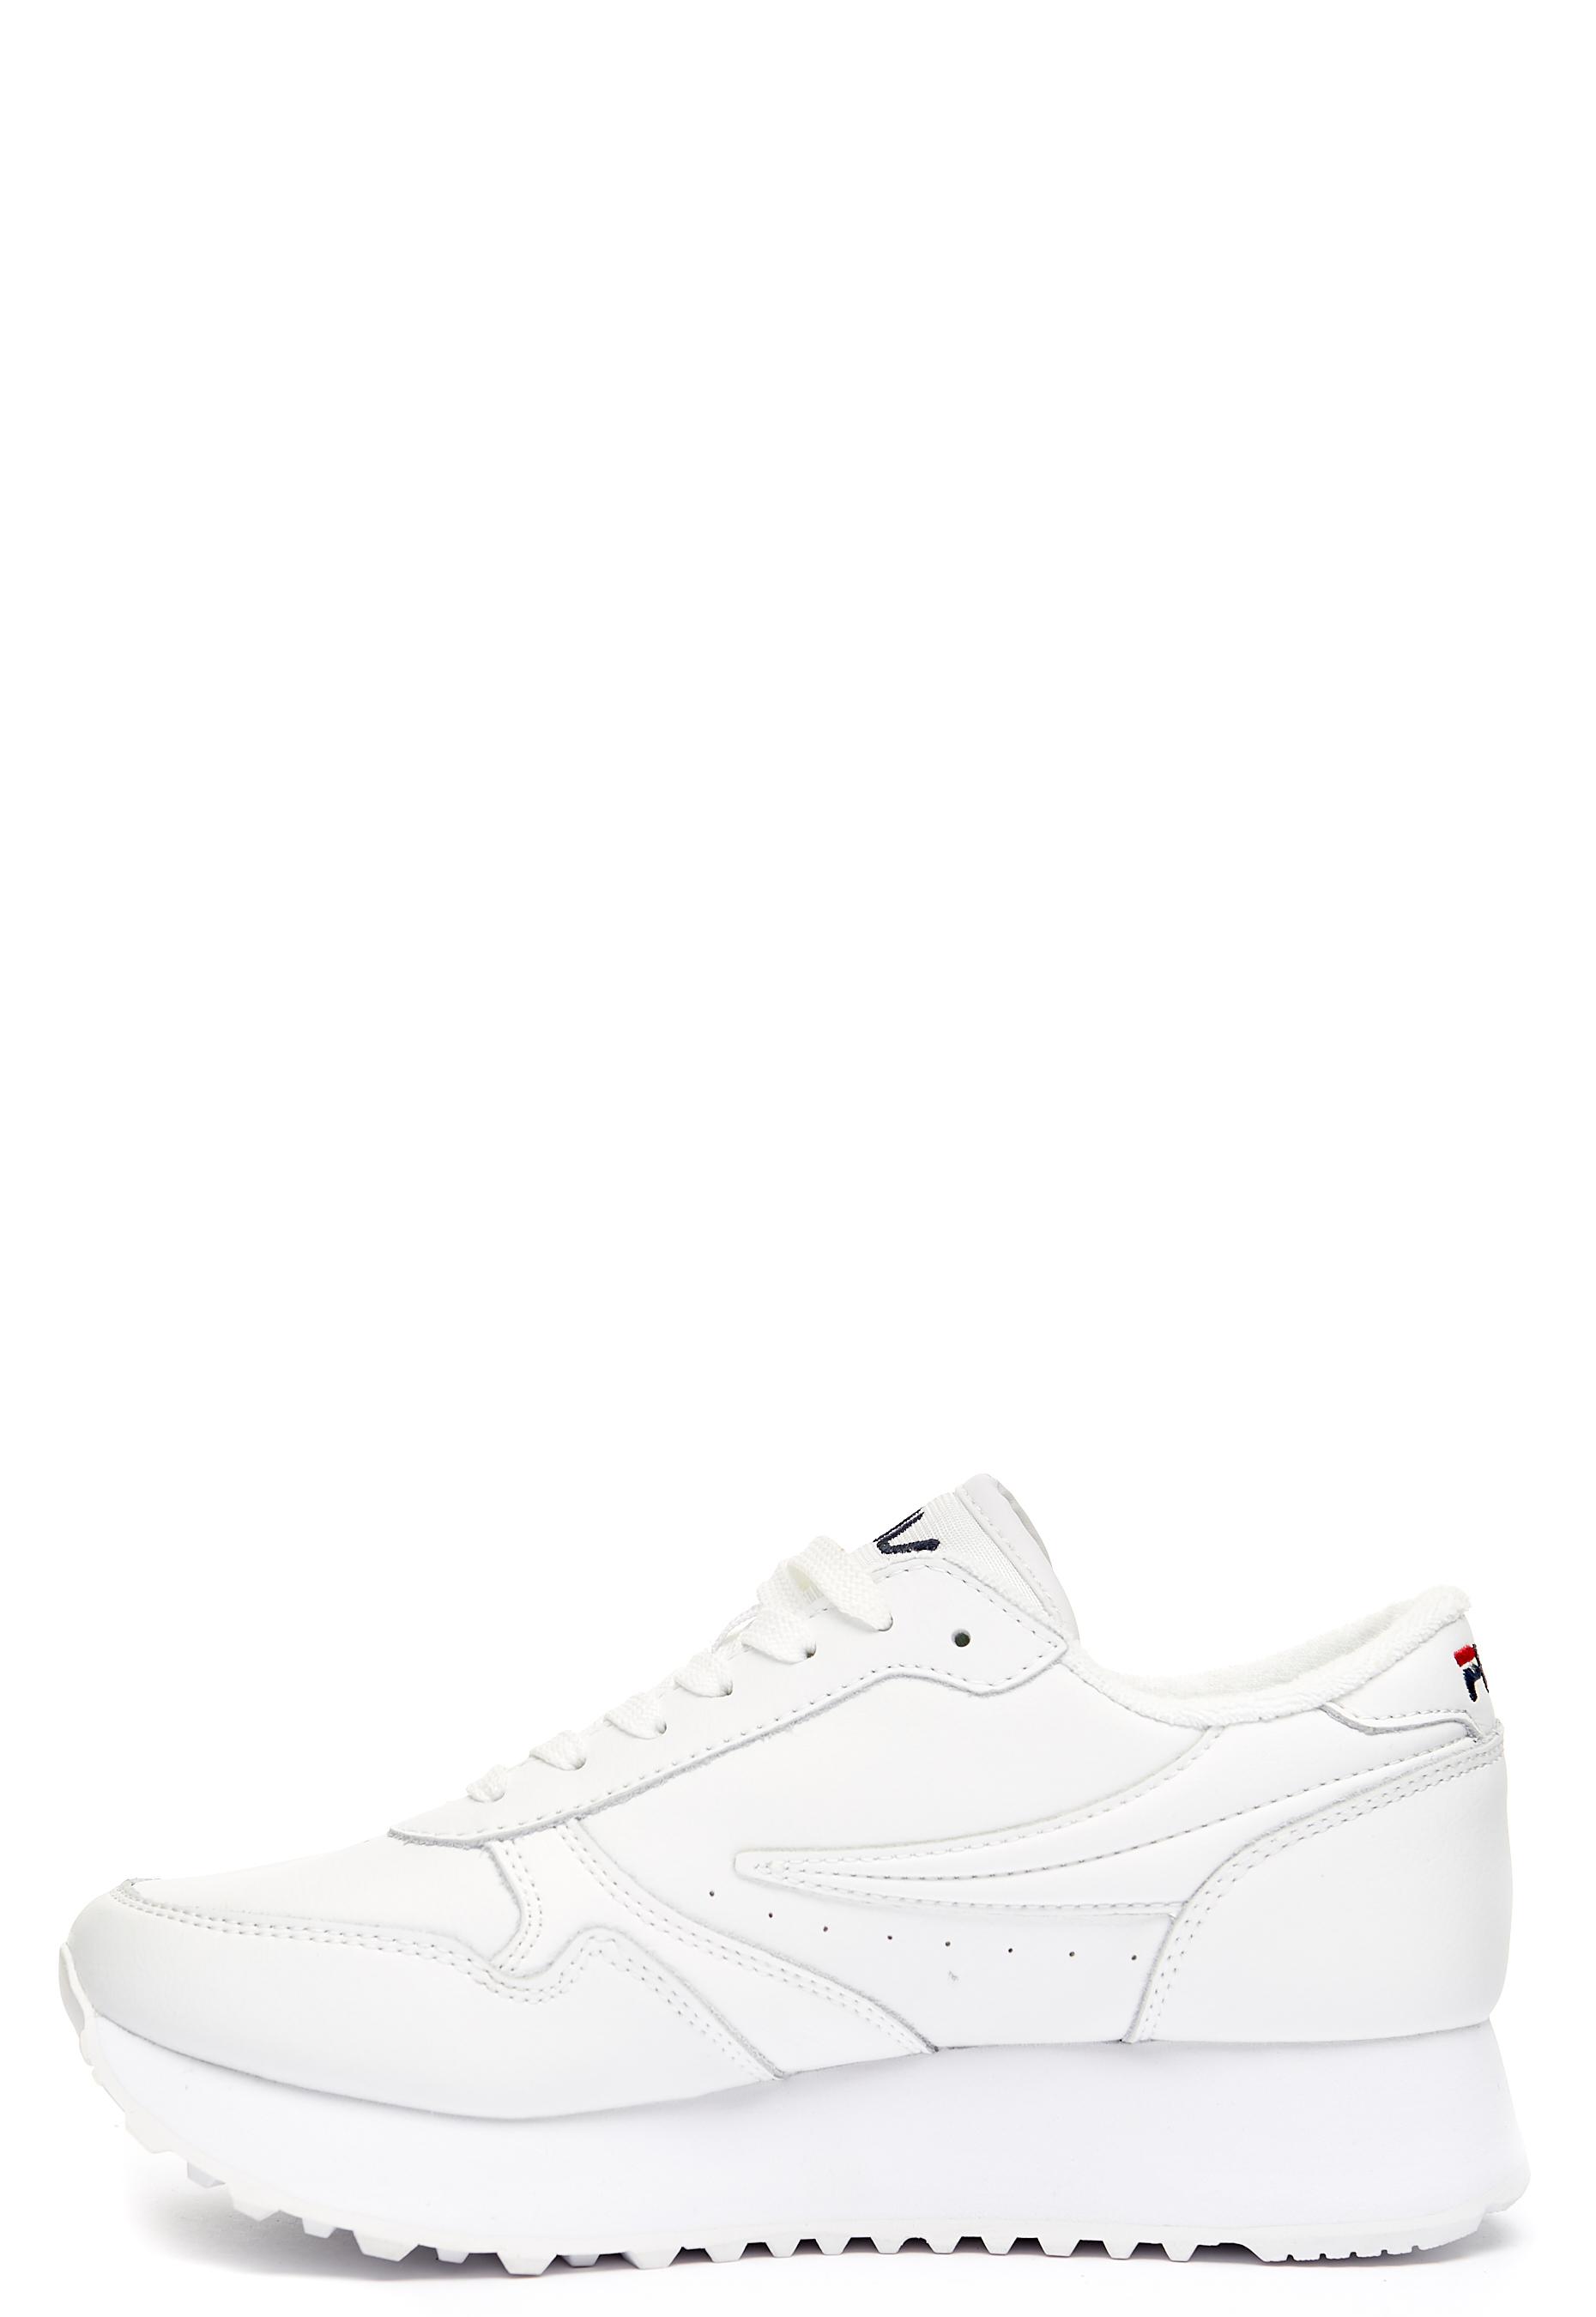 FILA Orbit Zeppa L Shoes White Bubbleroom